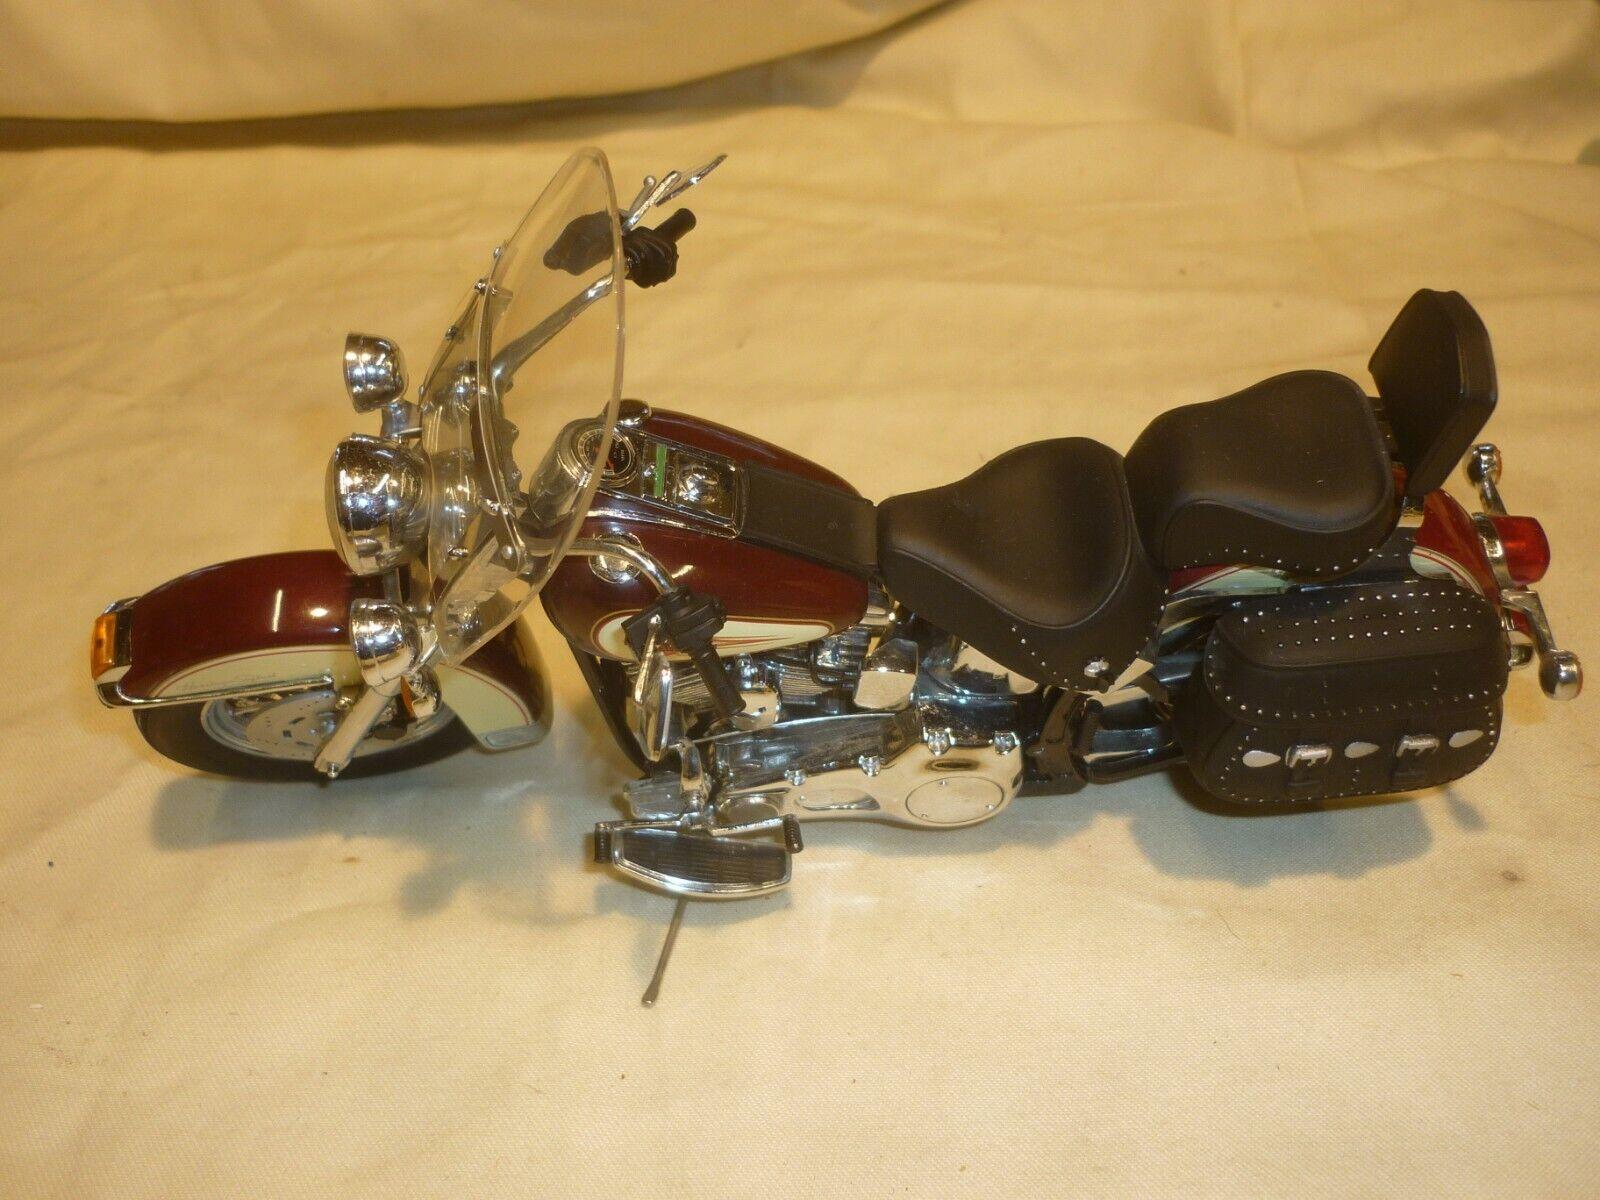 En Franklin mint av en skalenlig modelll av en 1989 Harley Davidson Heritage Softtail